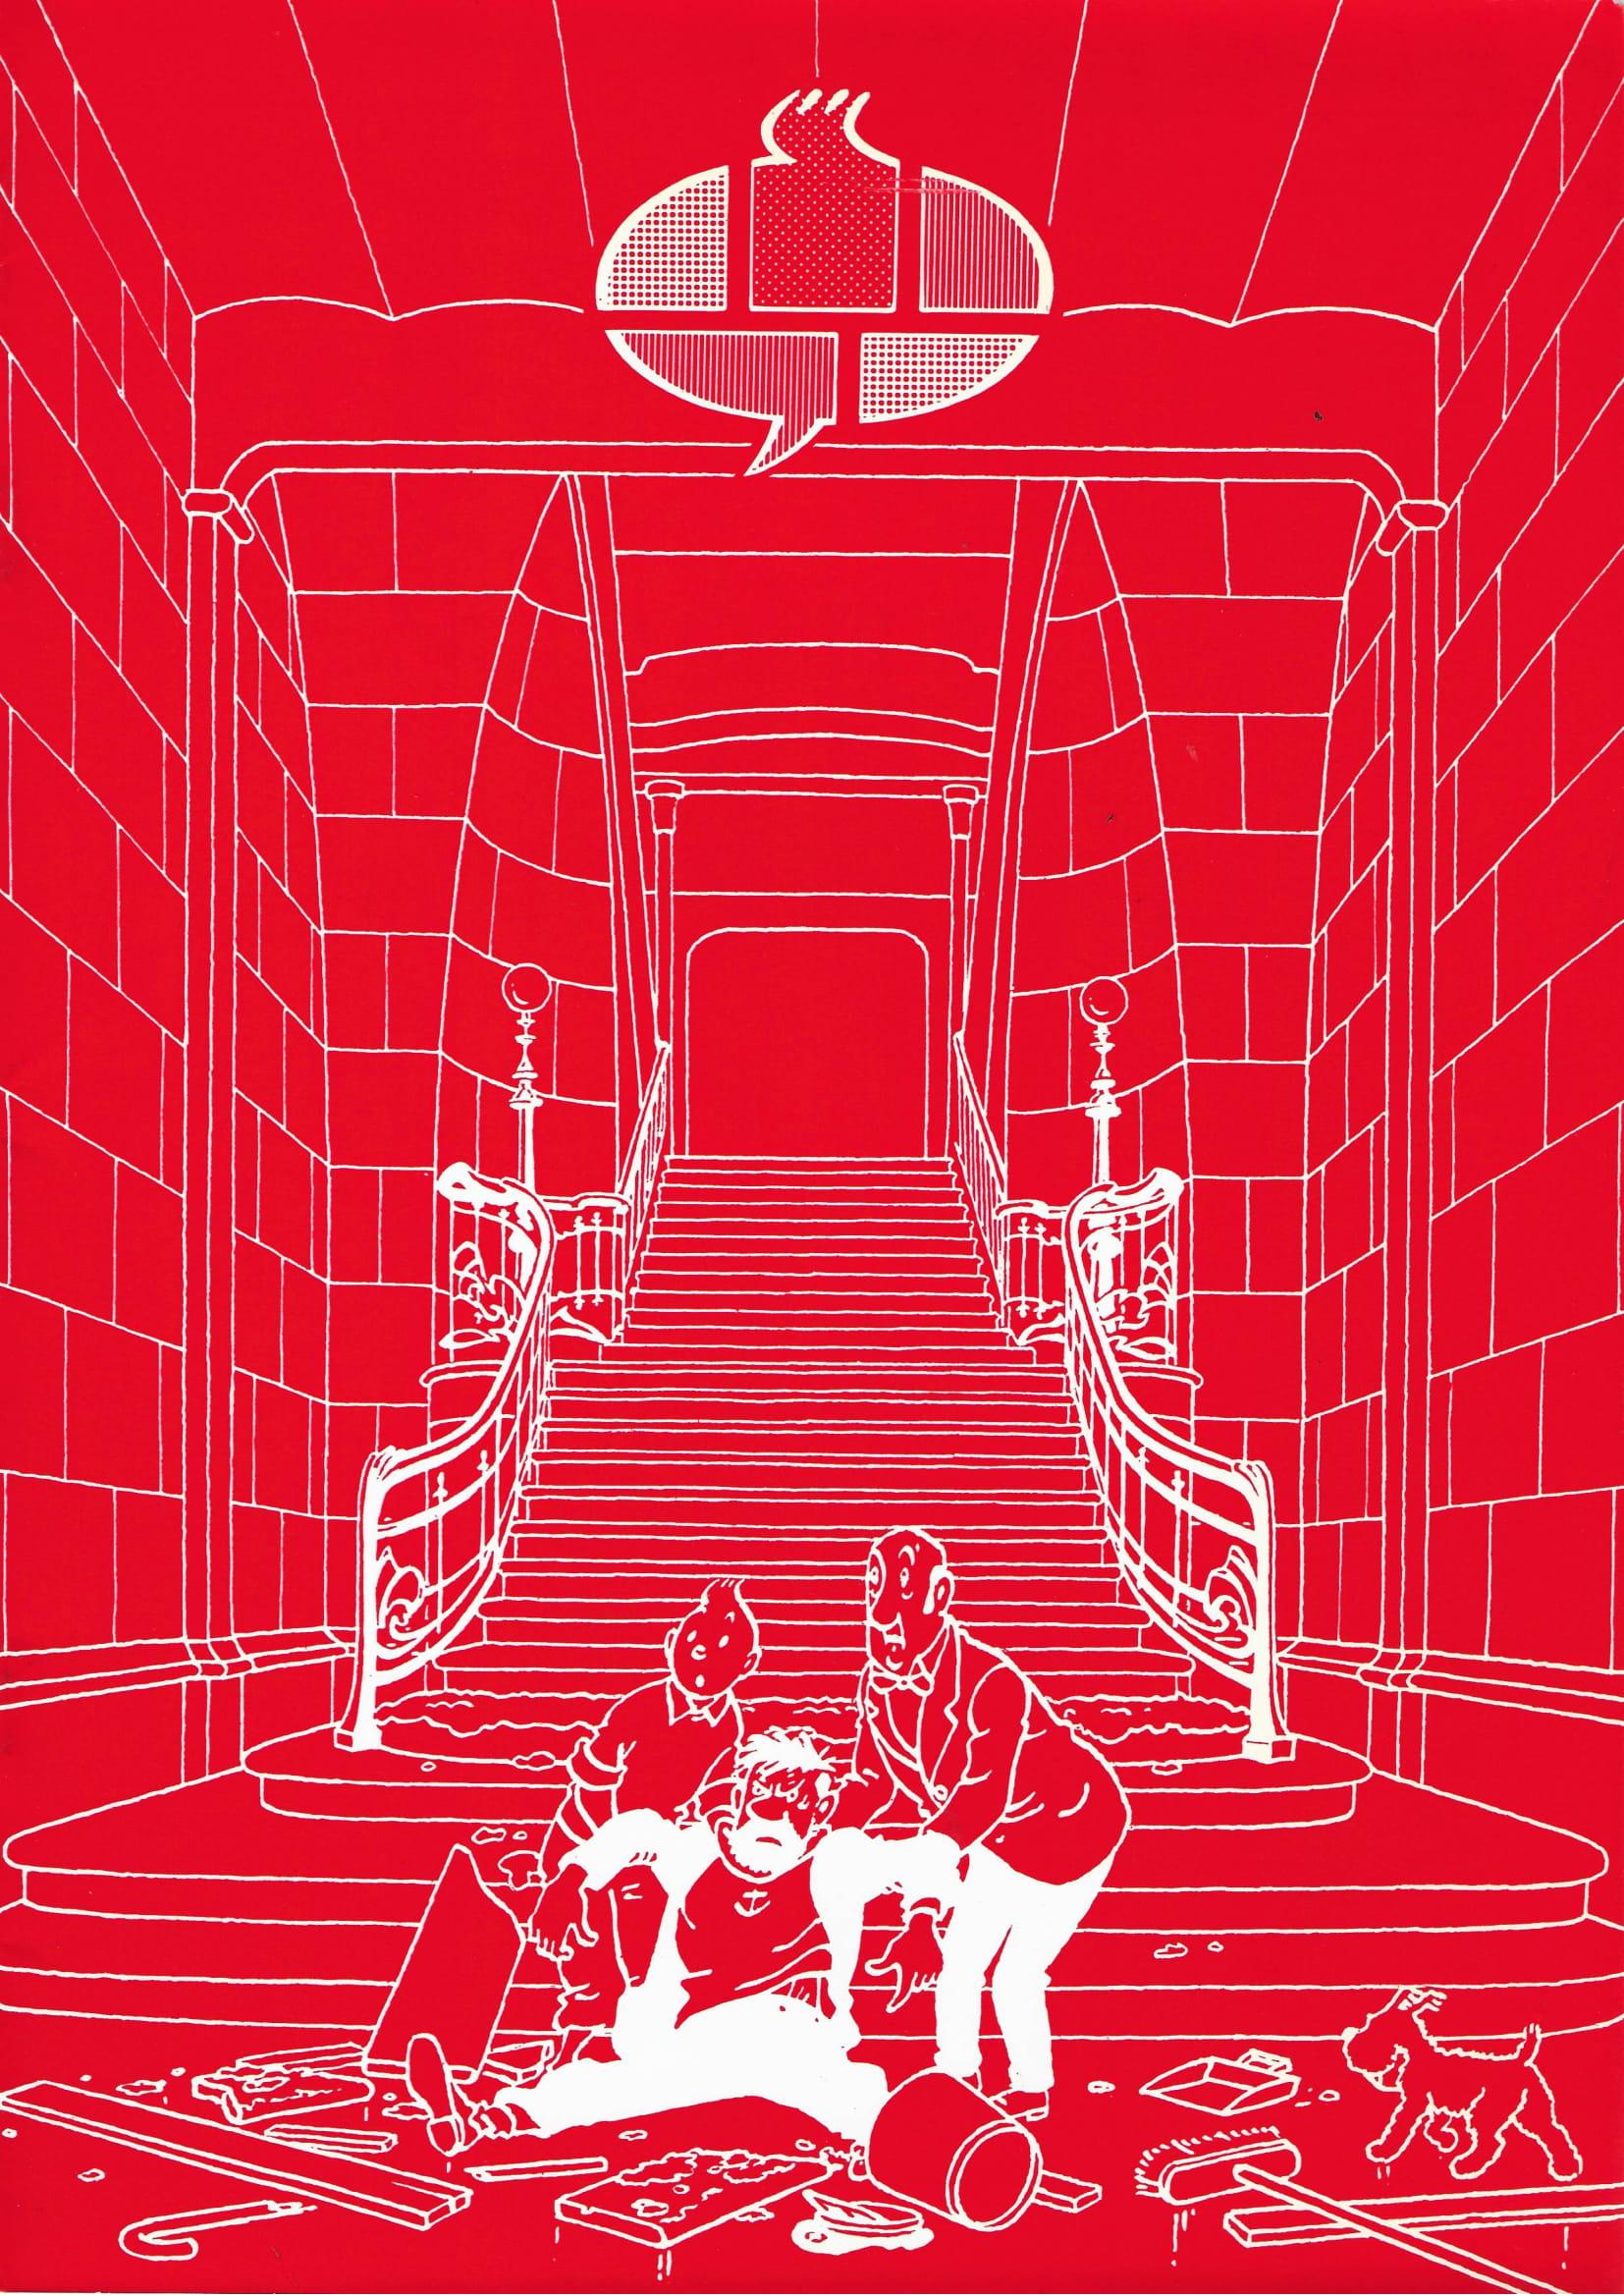 Le Neuvième Art entre dans l'Art Nouveau© François Schuiten, 1986